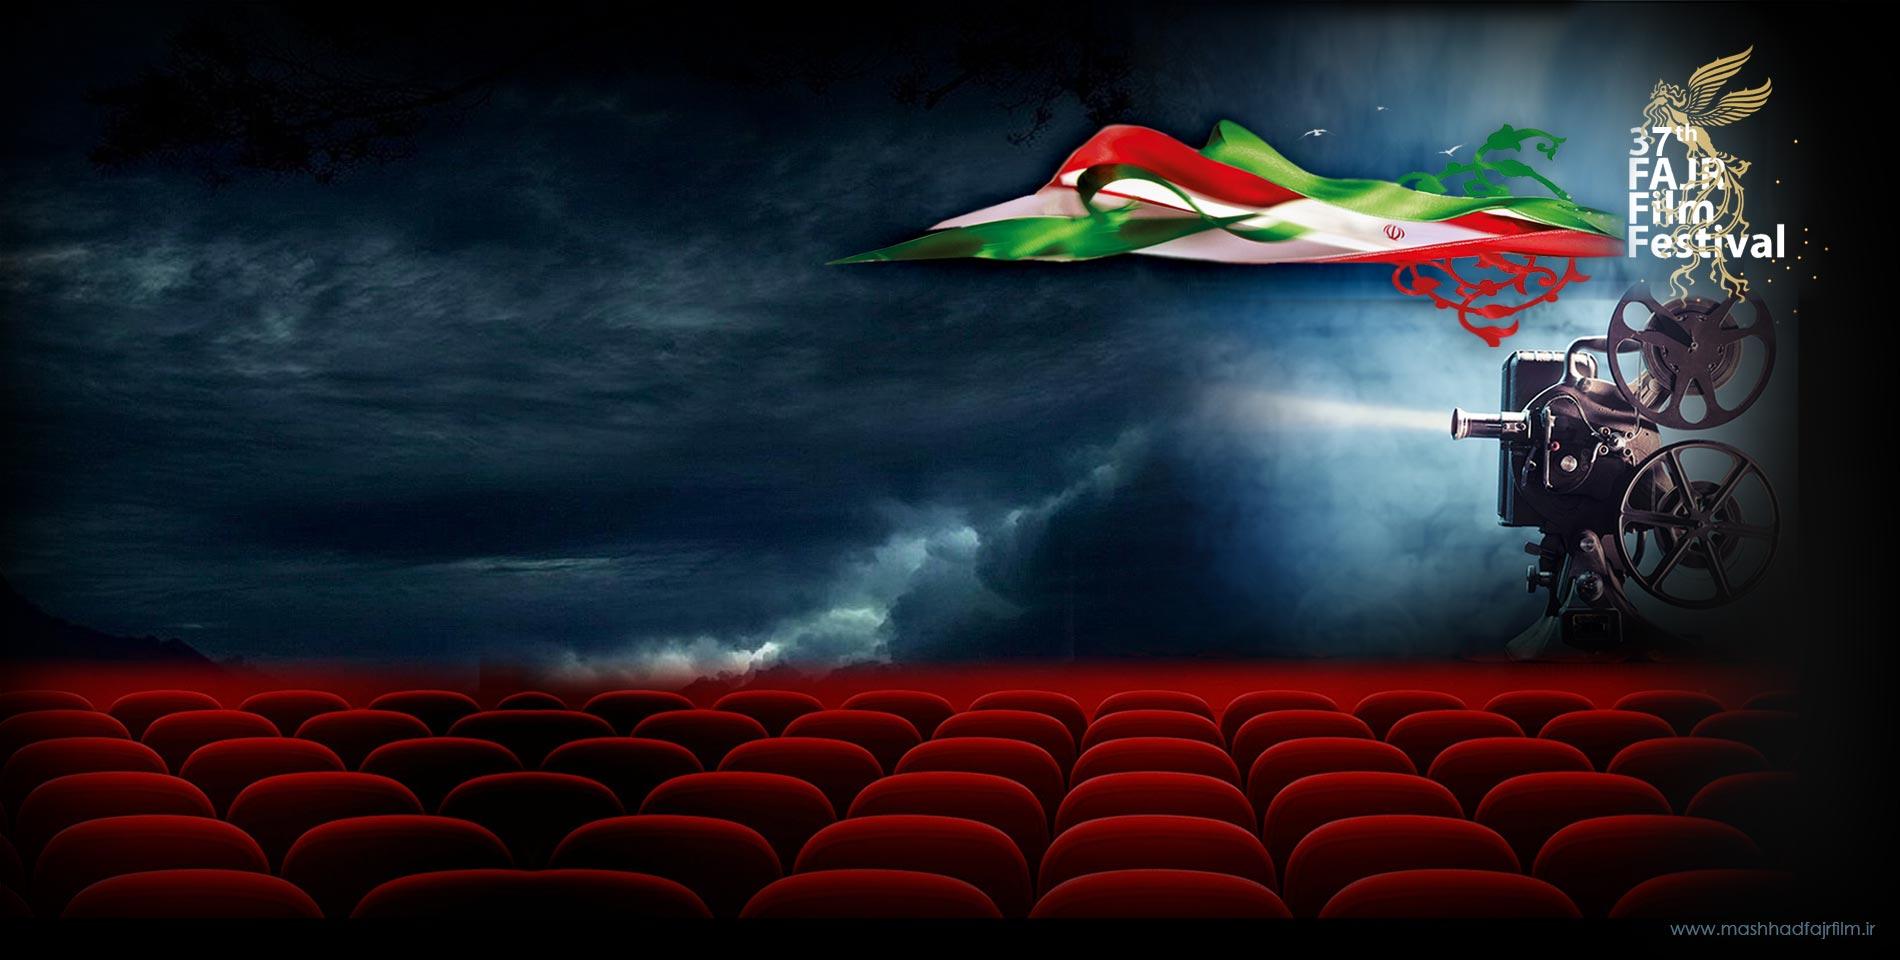 تسنیم: آیا مردم در جشنواره فیلم فجر شرکت خواهند کرد؟